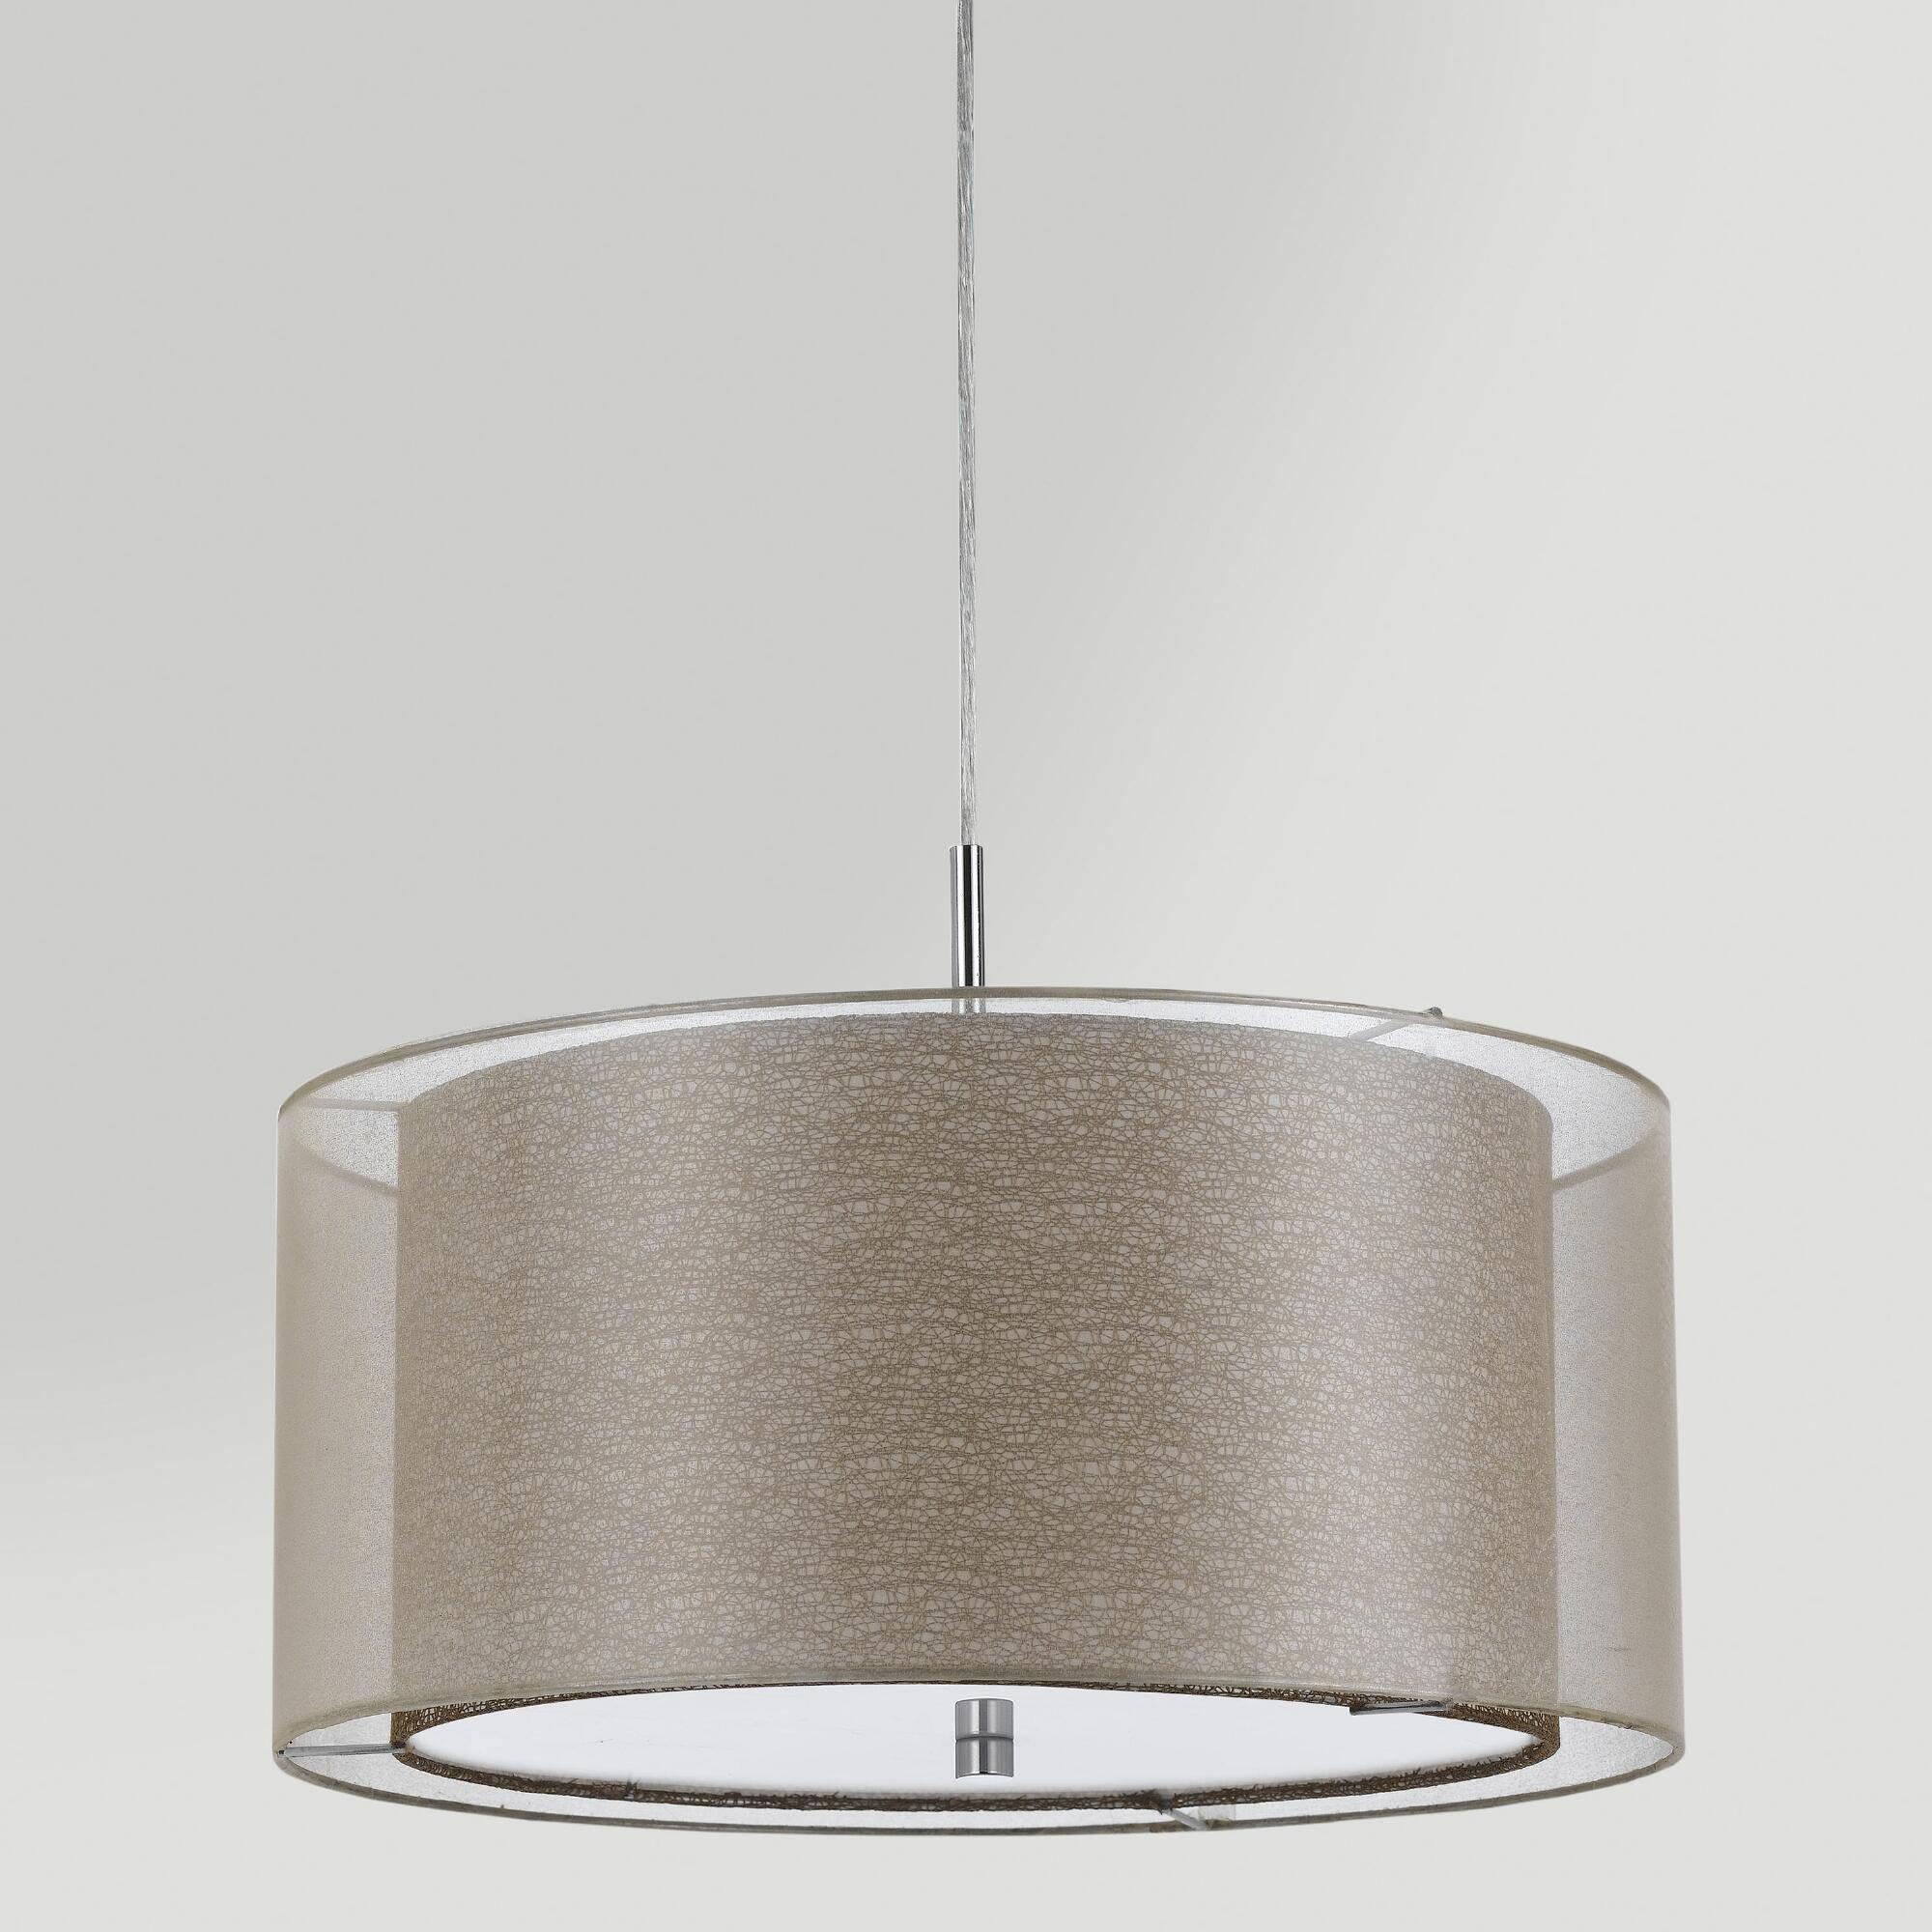 Commercial Drum Pendant Lighting - Drum Pendant Lighting For in Commercial Pendant Lights (Image 2 of 15)